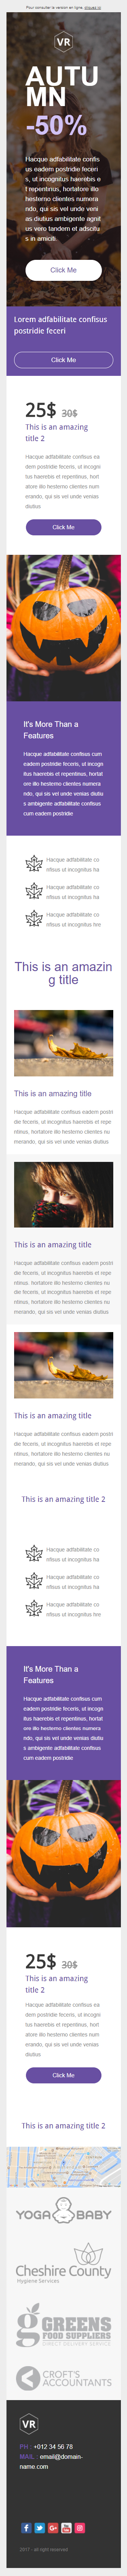 Templates Emailing VR Autumn Sarbacane